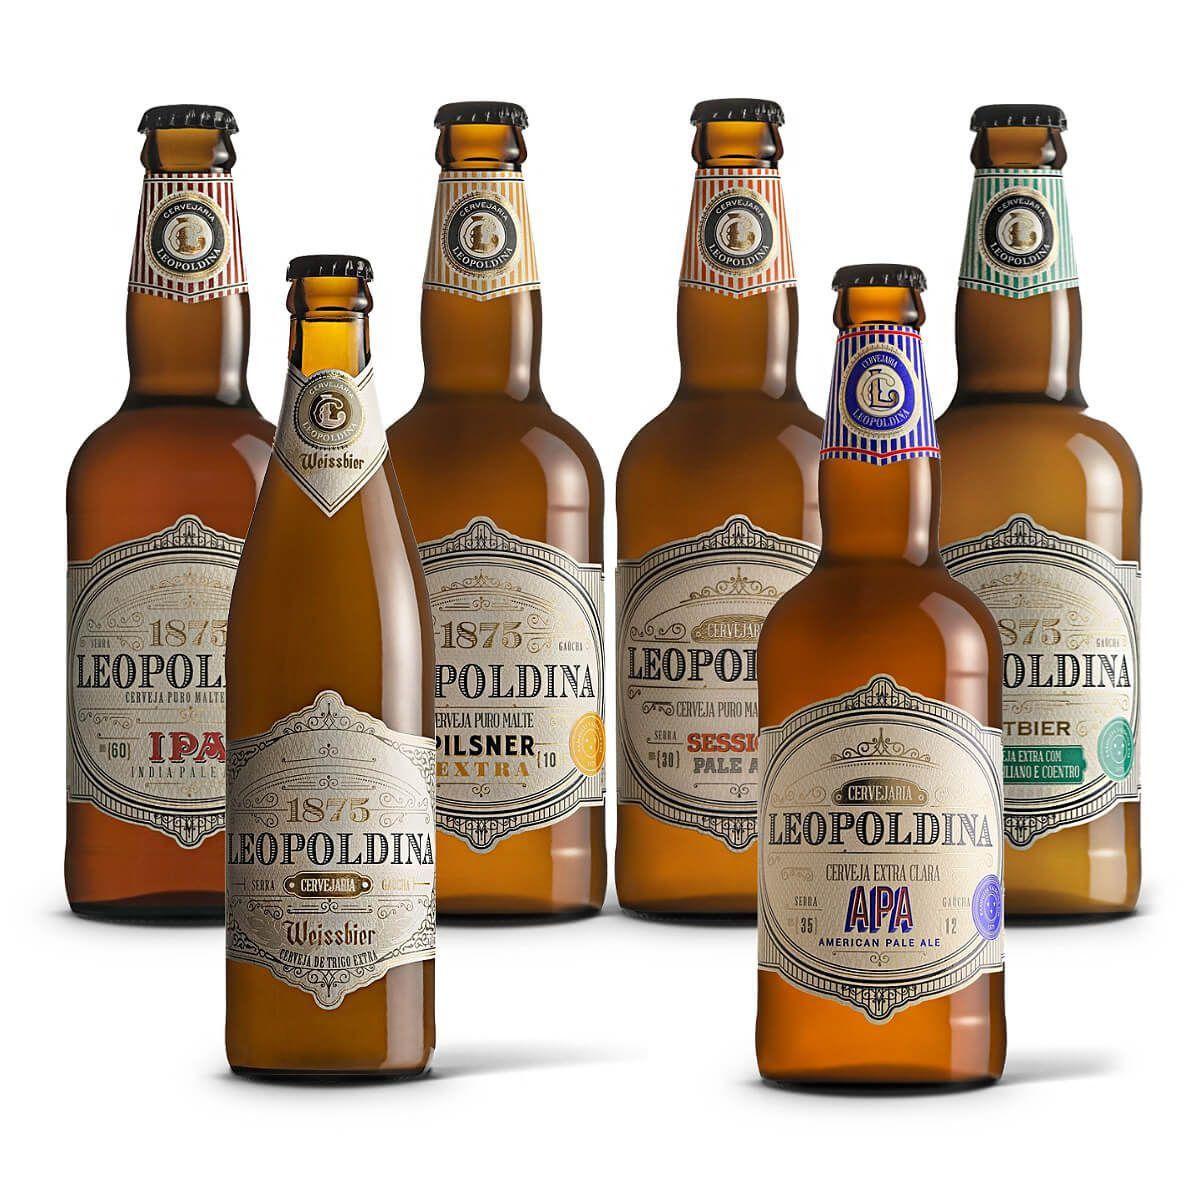 Kit degustação Leopoldina 6 cervejas